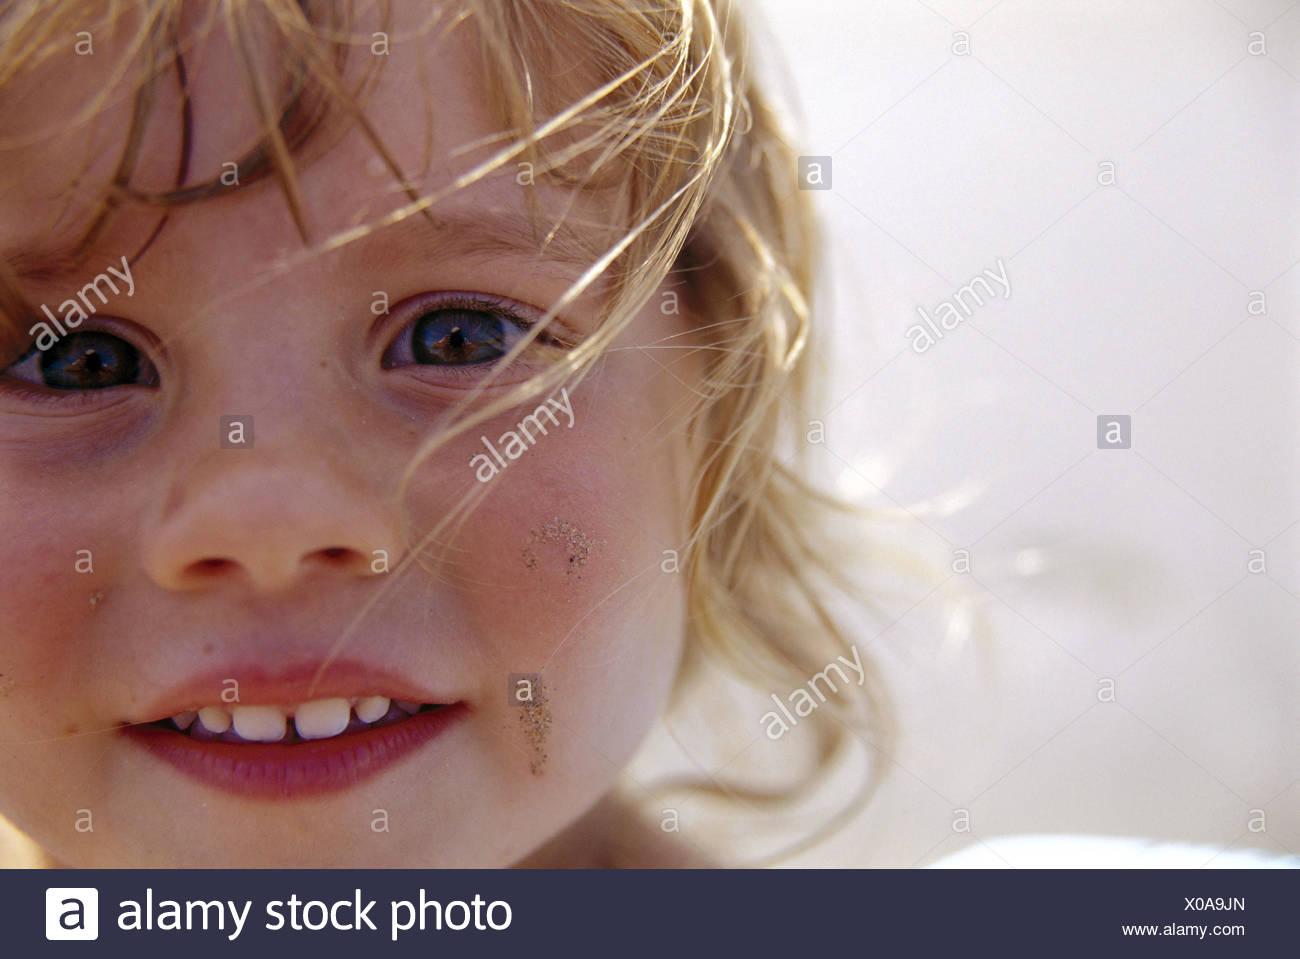 Mädchen, Lächeln, Strahlen locken, Blond, Porträt, Kind, Kind Portrait, gewellt, Säuglings, Aufmerksamkeit, Fröhlichkeit, Kindheit, glücklich, Langhaarig, Stränge Haare, nass, Blick, Wangen, Pausbacken, Kind aussehen, Begeisterung, schmutzig, Schmutz, Summers, Unschuld, lachen, Stockbild